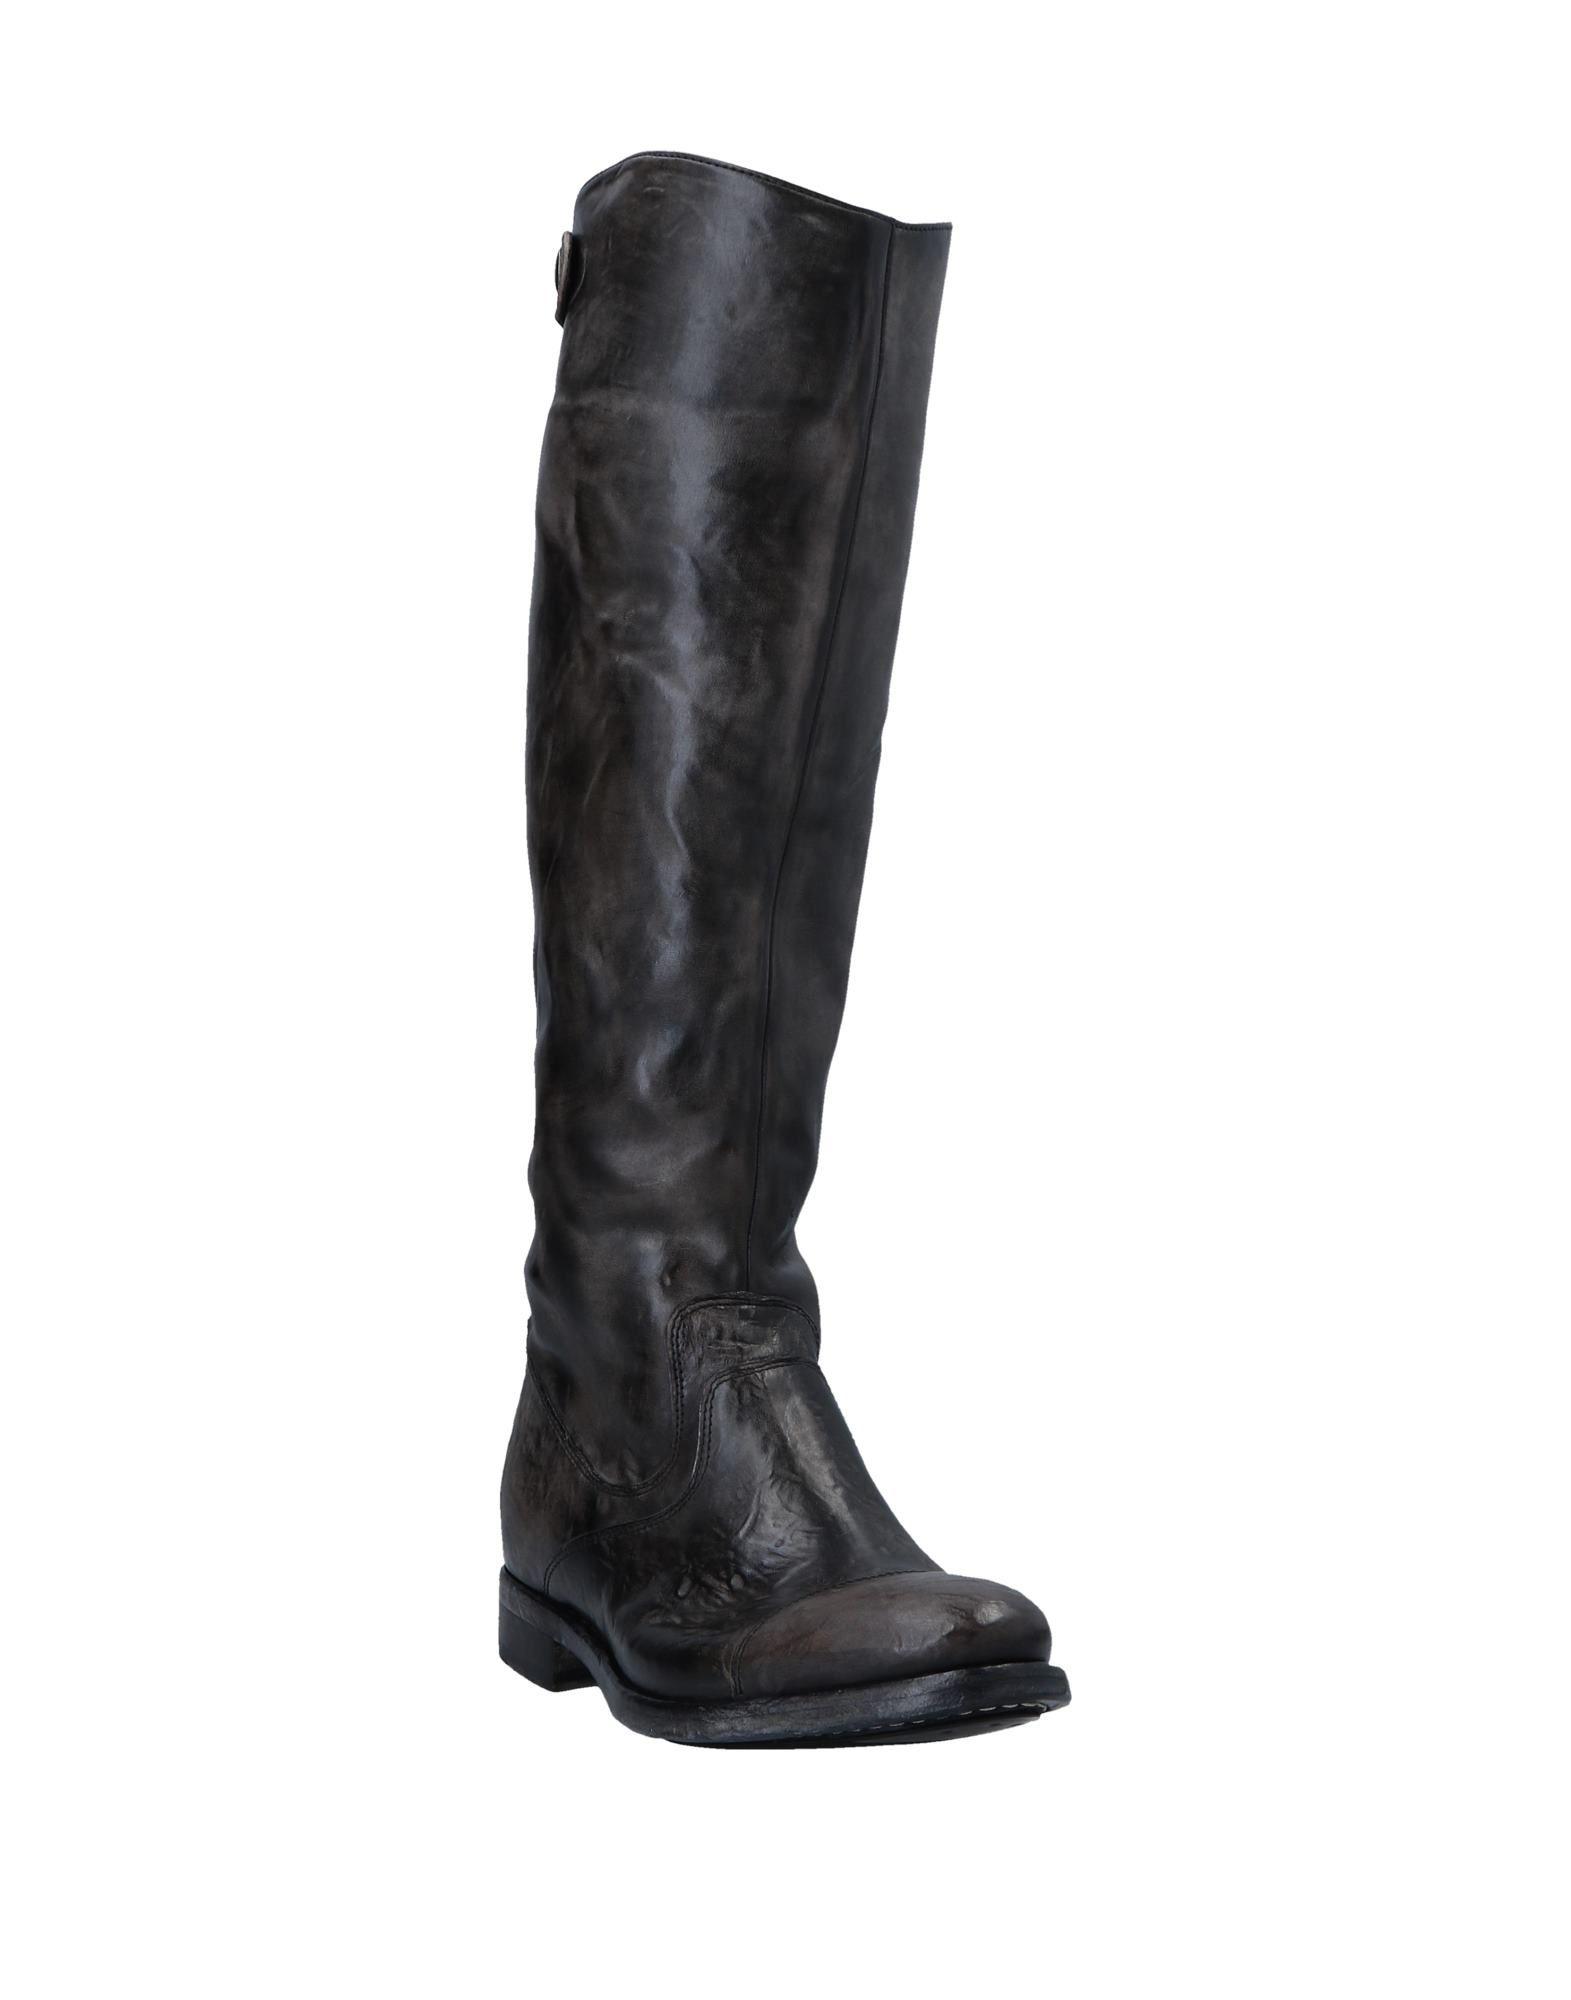 Corvari Stiefel strapazierfähige Damen  11546735KBGut aussehende strapazierfähige Stiefel Schuhe cefffa